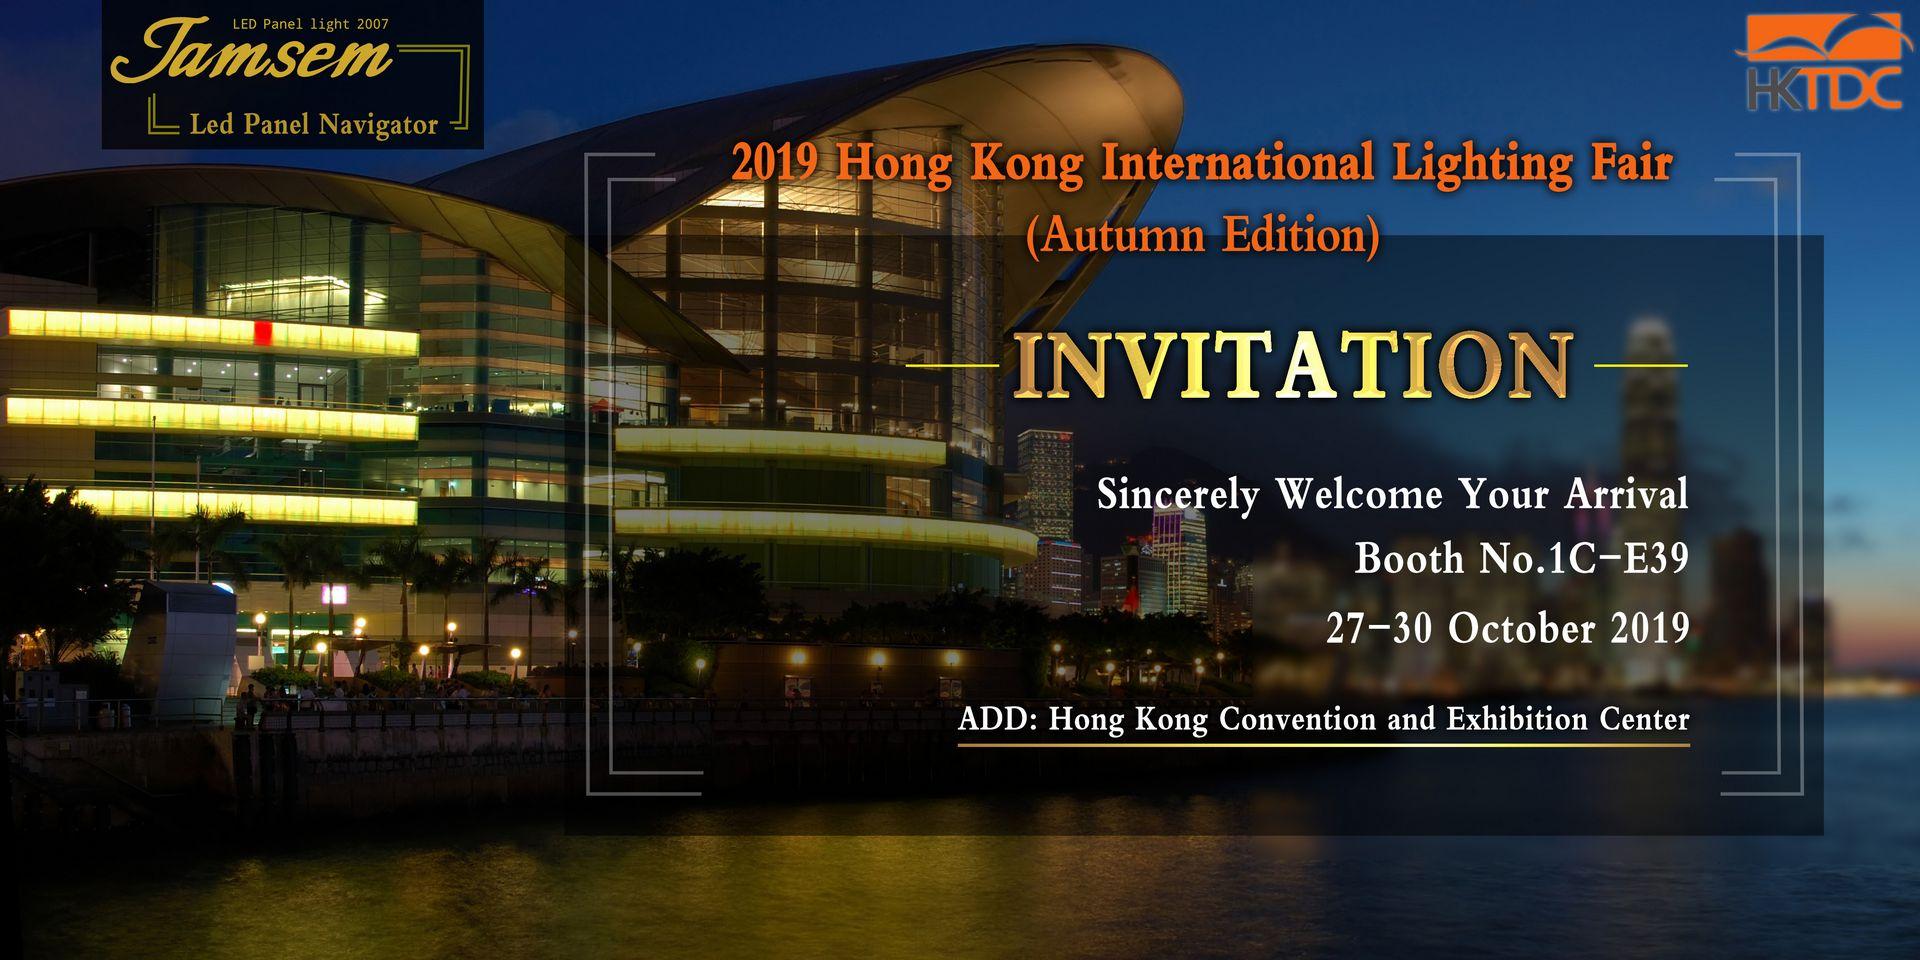 JAMSEM led panel light manufacturer invitation in HongKong HKTDC lighting fair